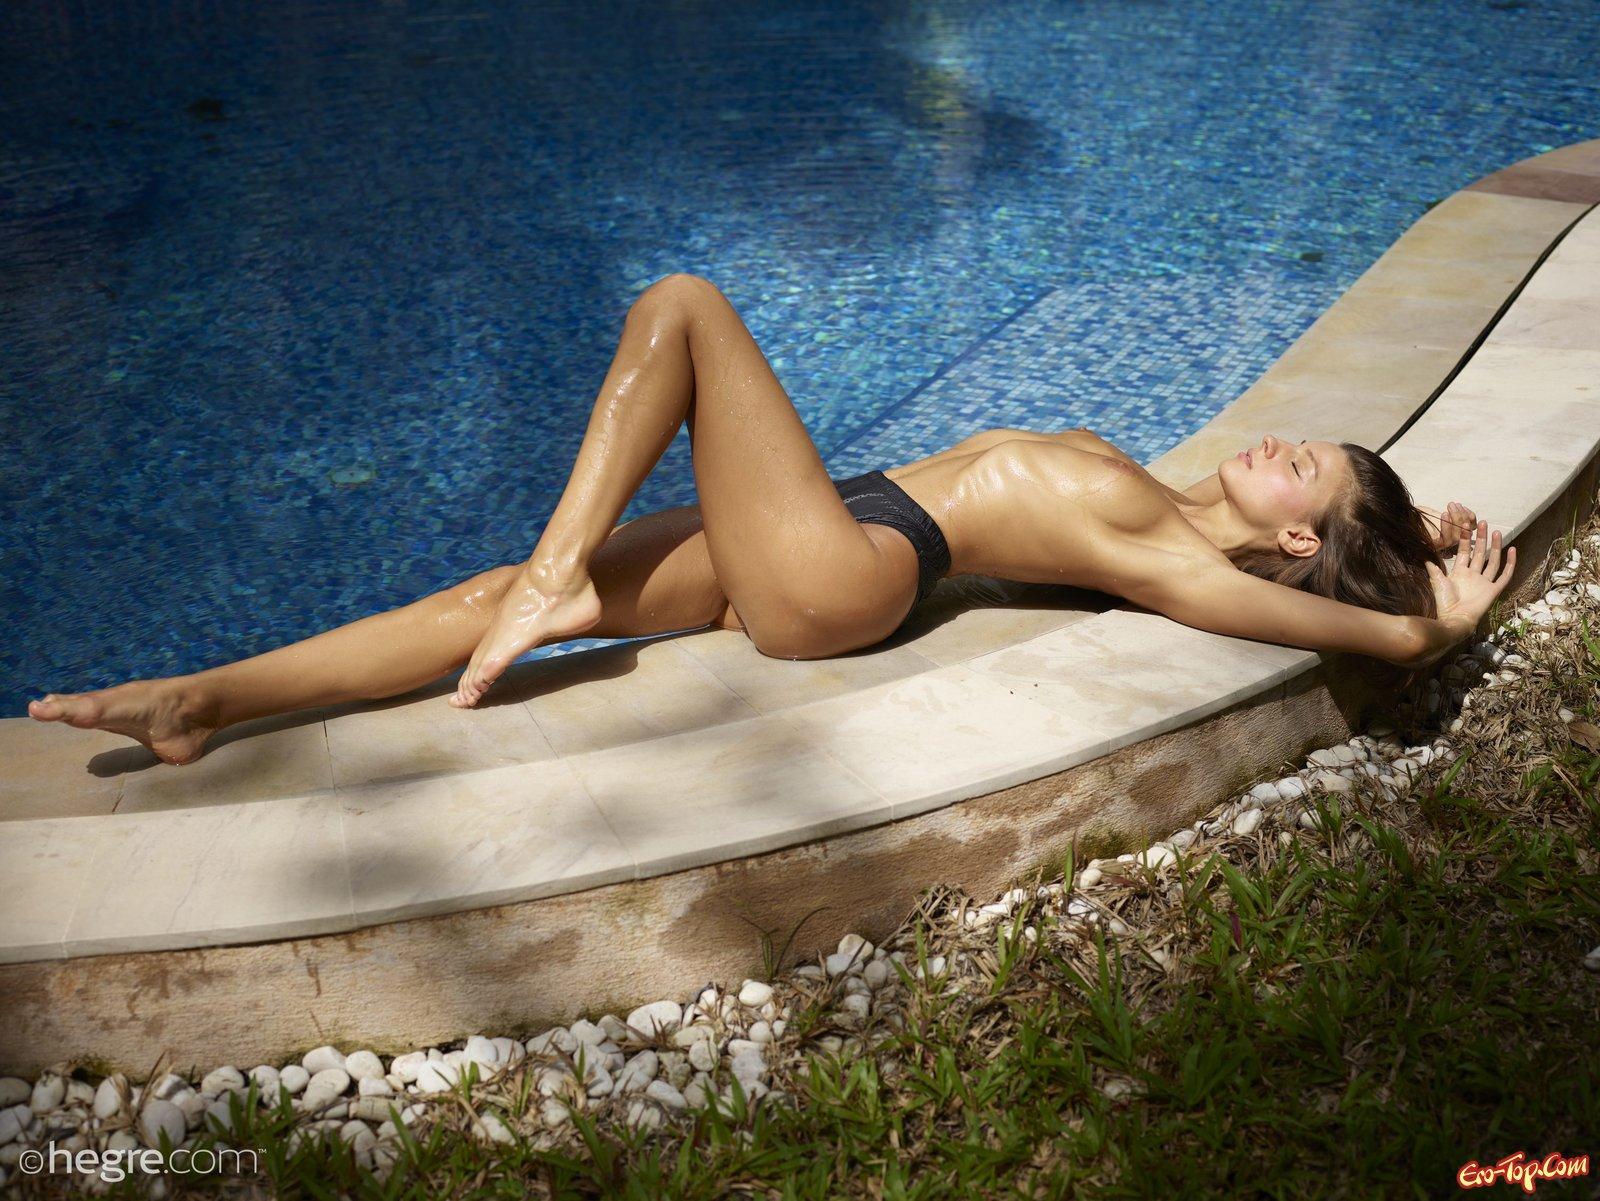 Русская девка намочила сексуальное тело в бассейне